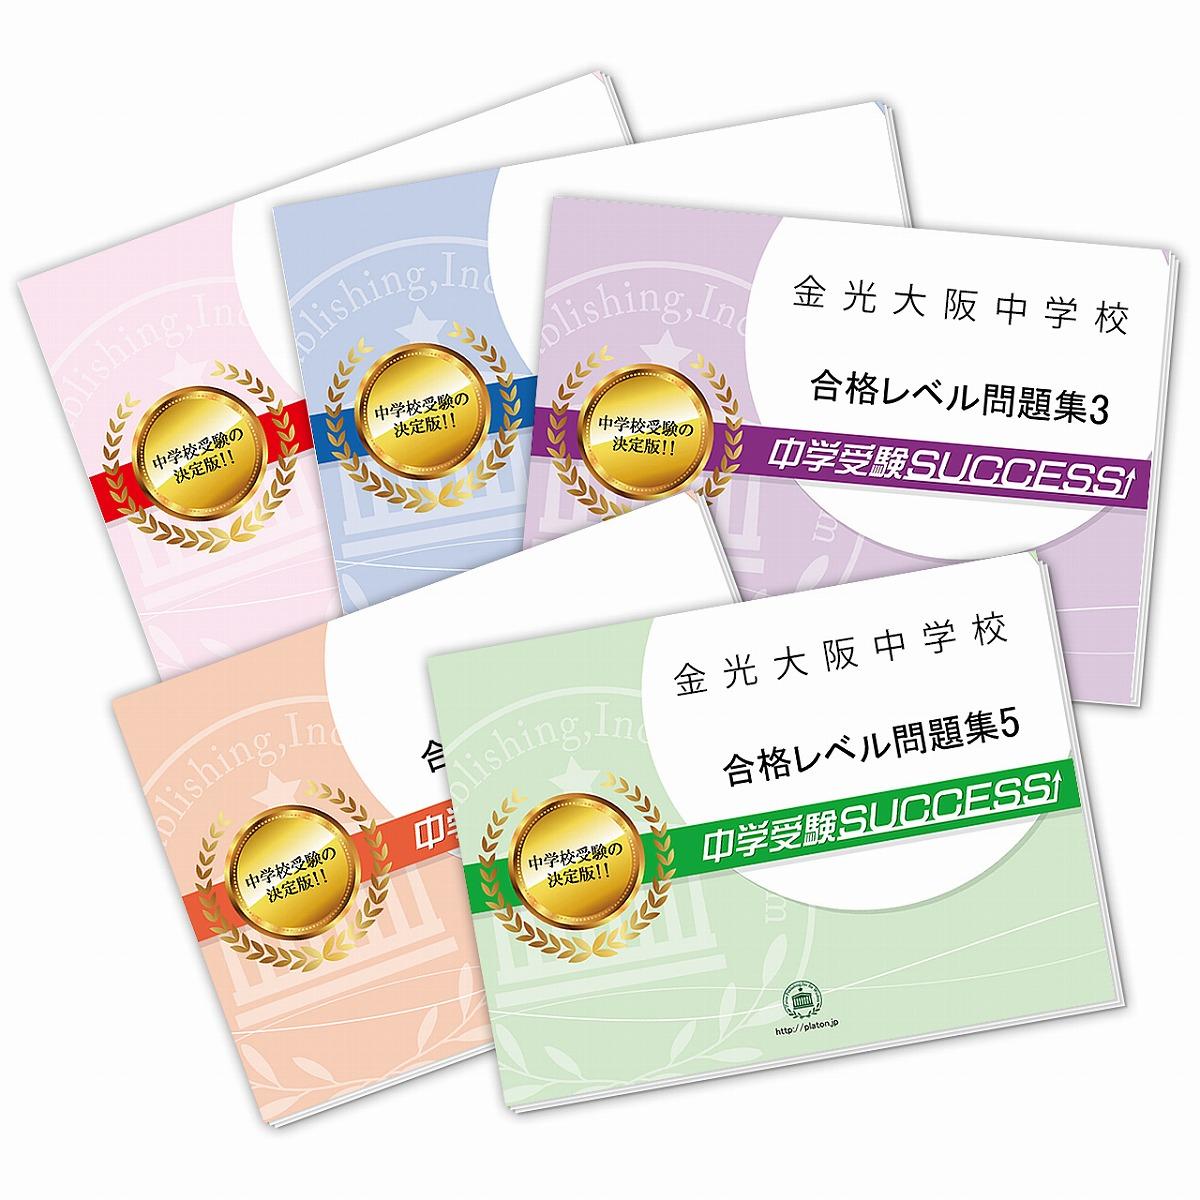 【送料・代引手数料無料】金光大阪中学校・直前対策合格セット(5冊)